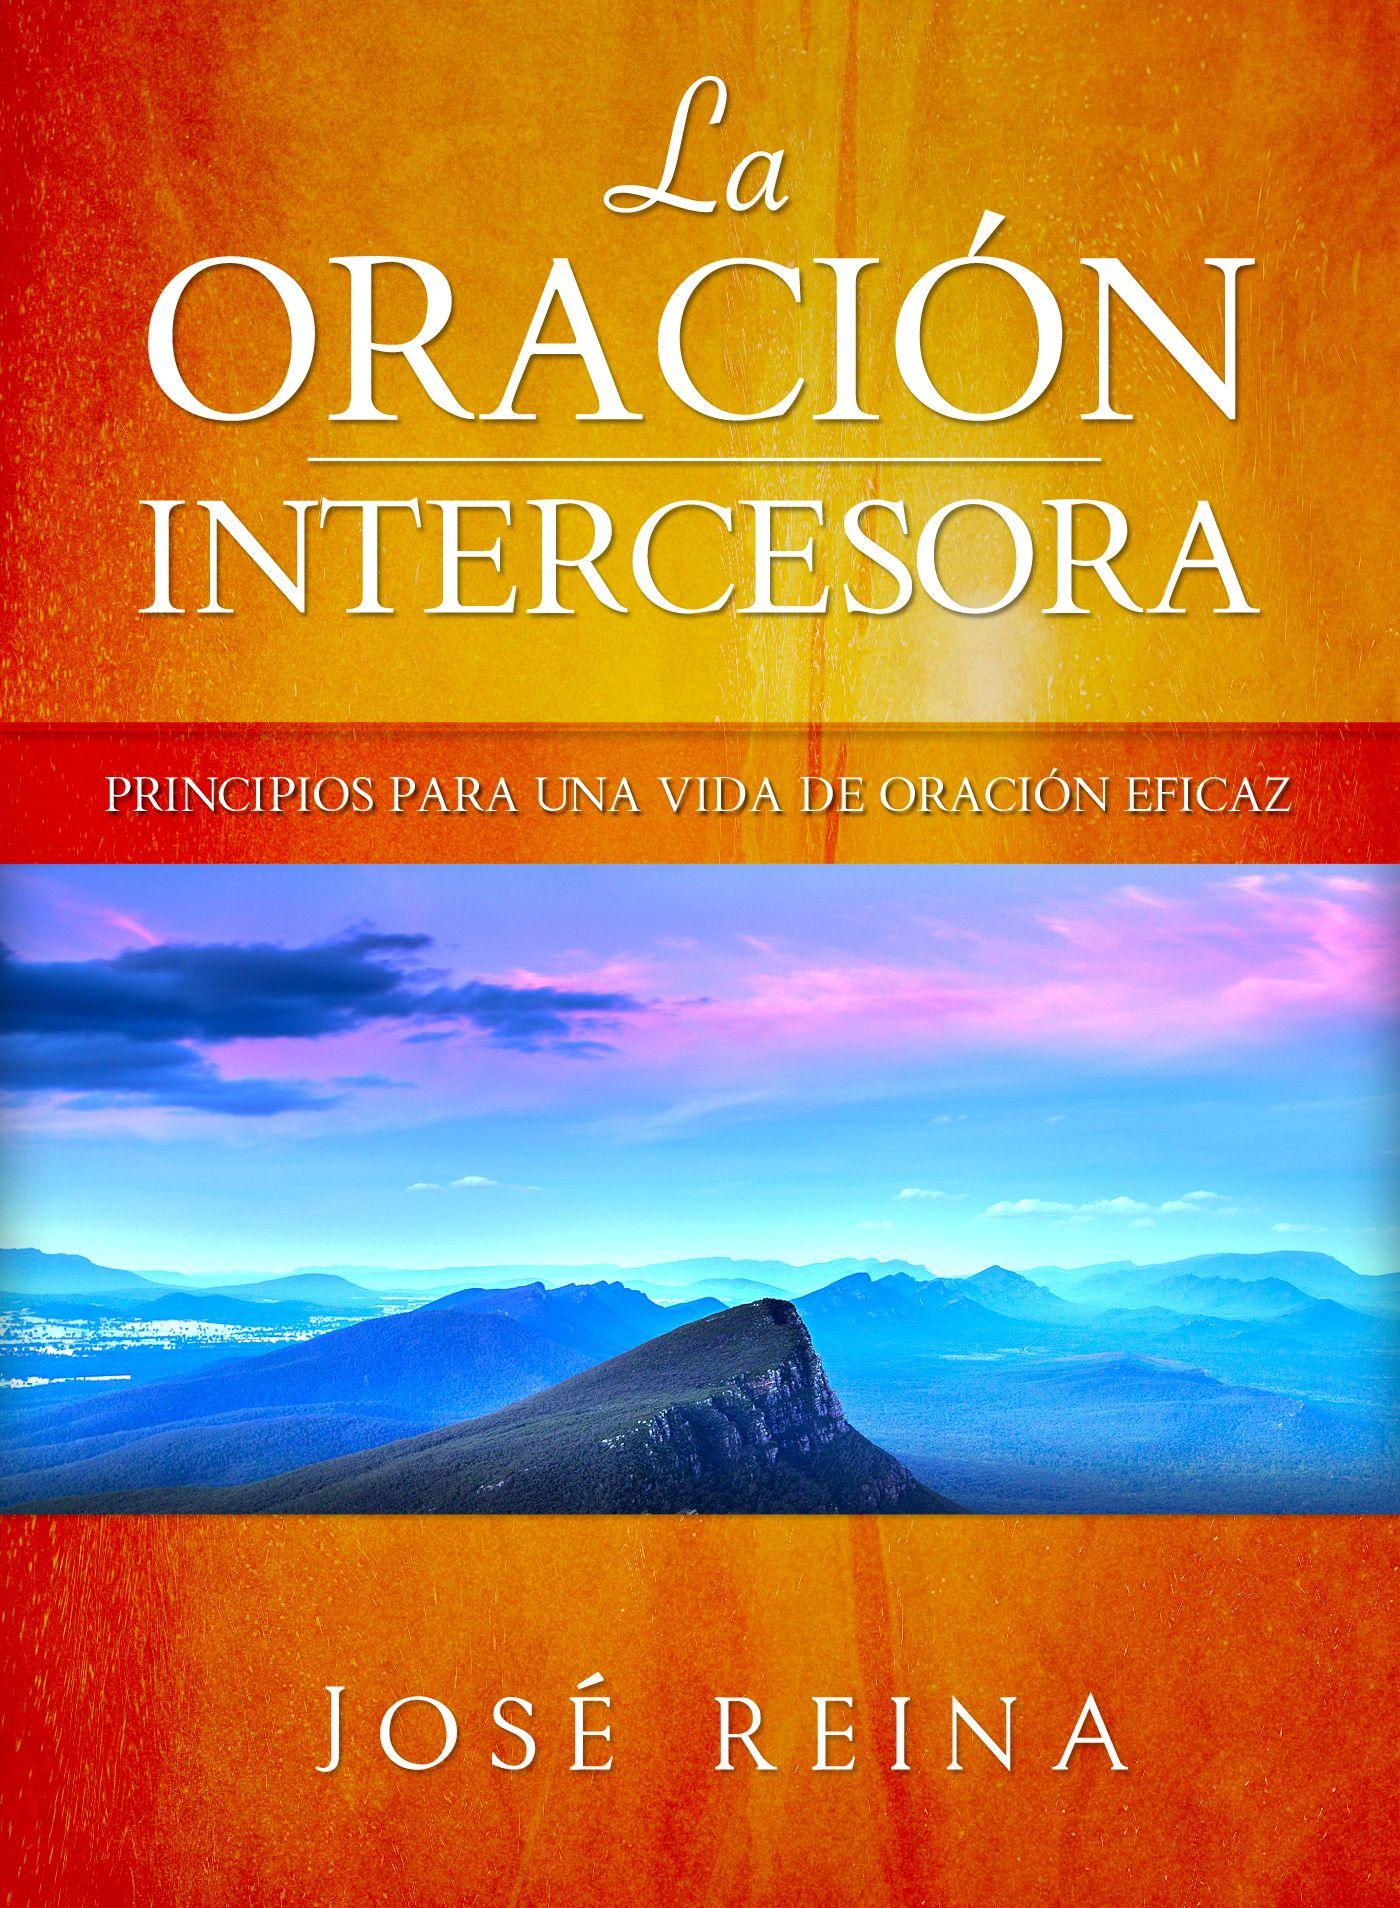 Este libro te ayudará a descubrir el placer de orar, como así también  entender que